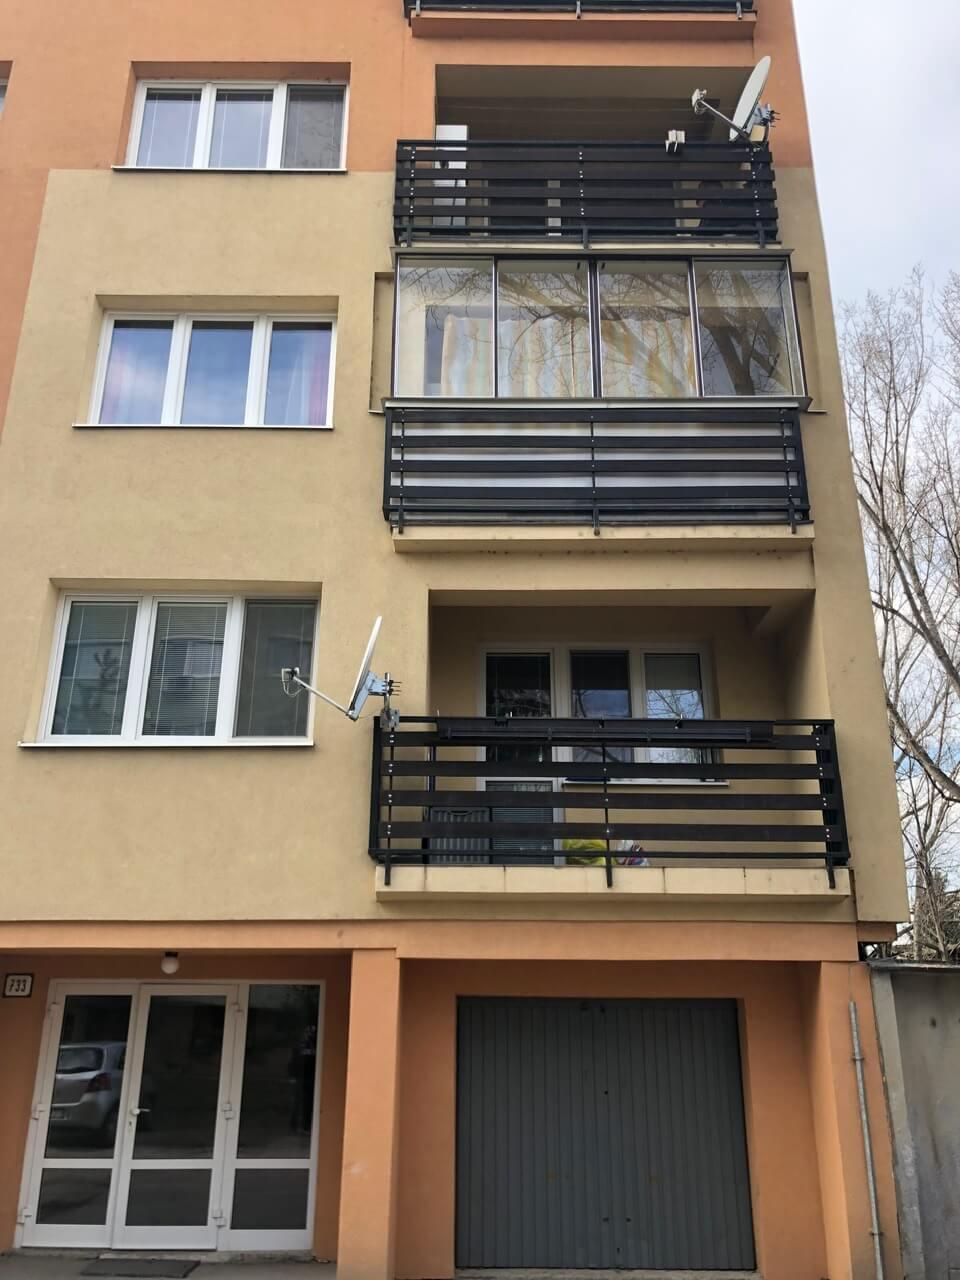 Predaný: Exkluzívne na predaj 3 izb. byt, 81,7m2, balkón 5 m2, pivnica 6m2, garáž, Dunajská Lužná, ulica Brezová-32